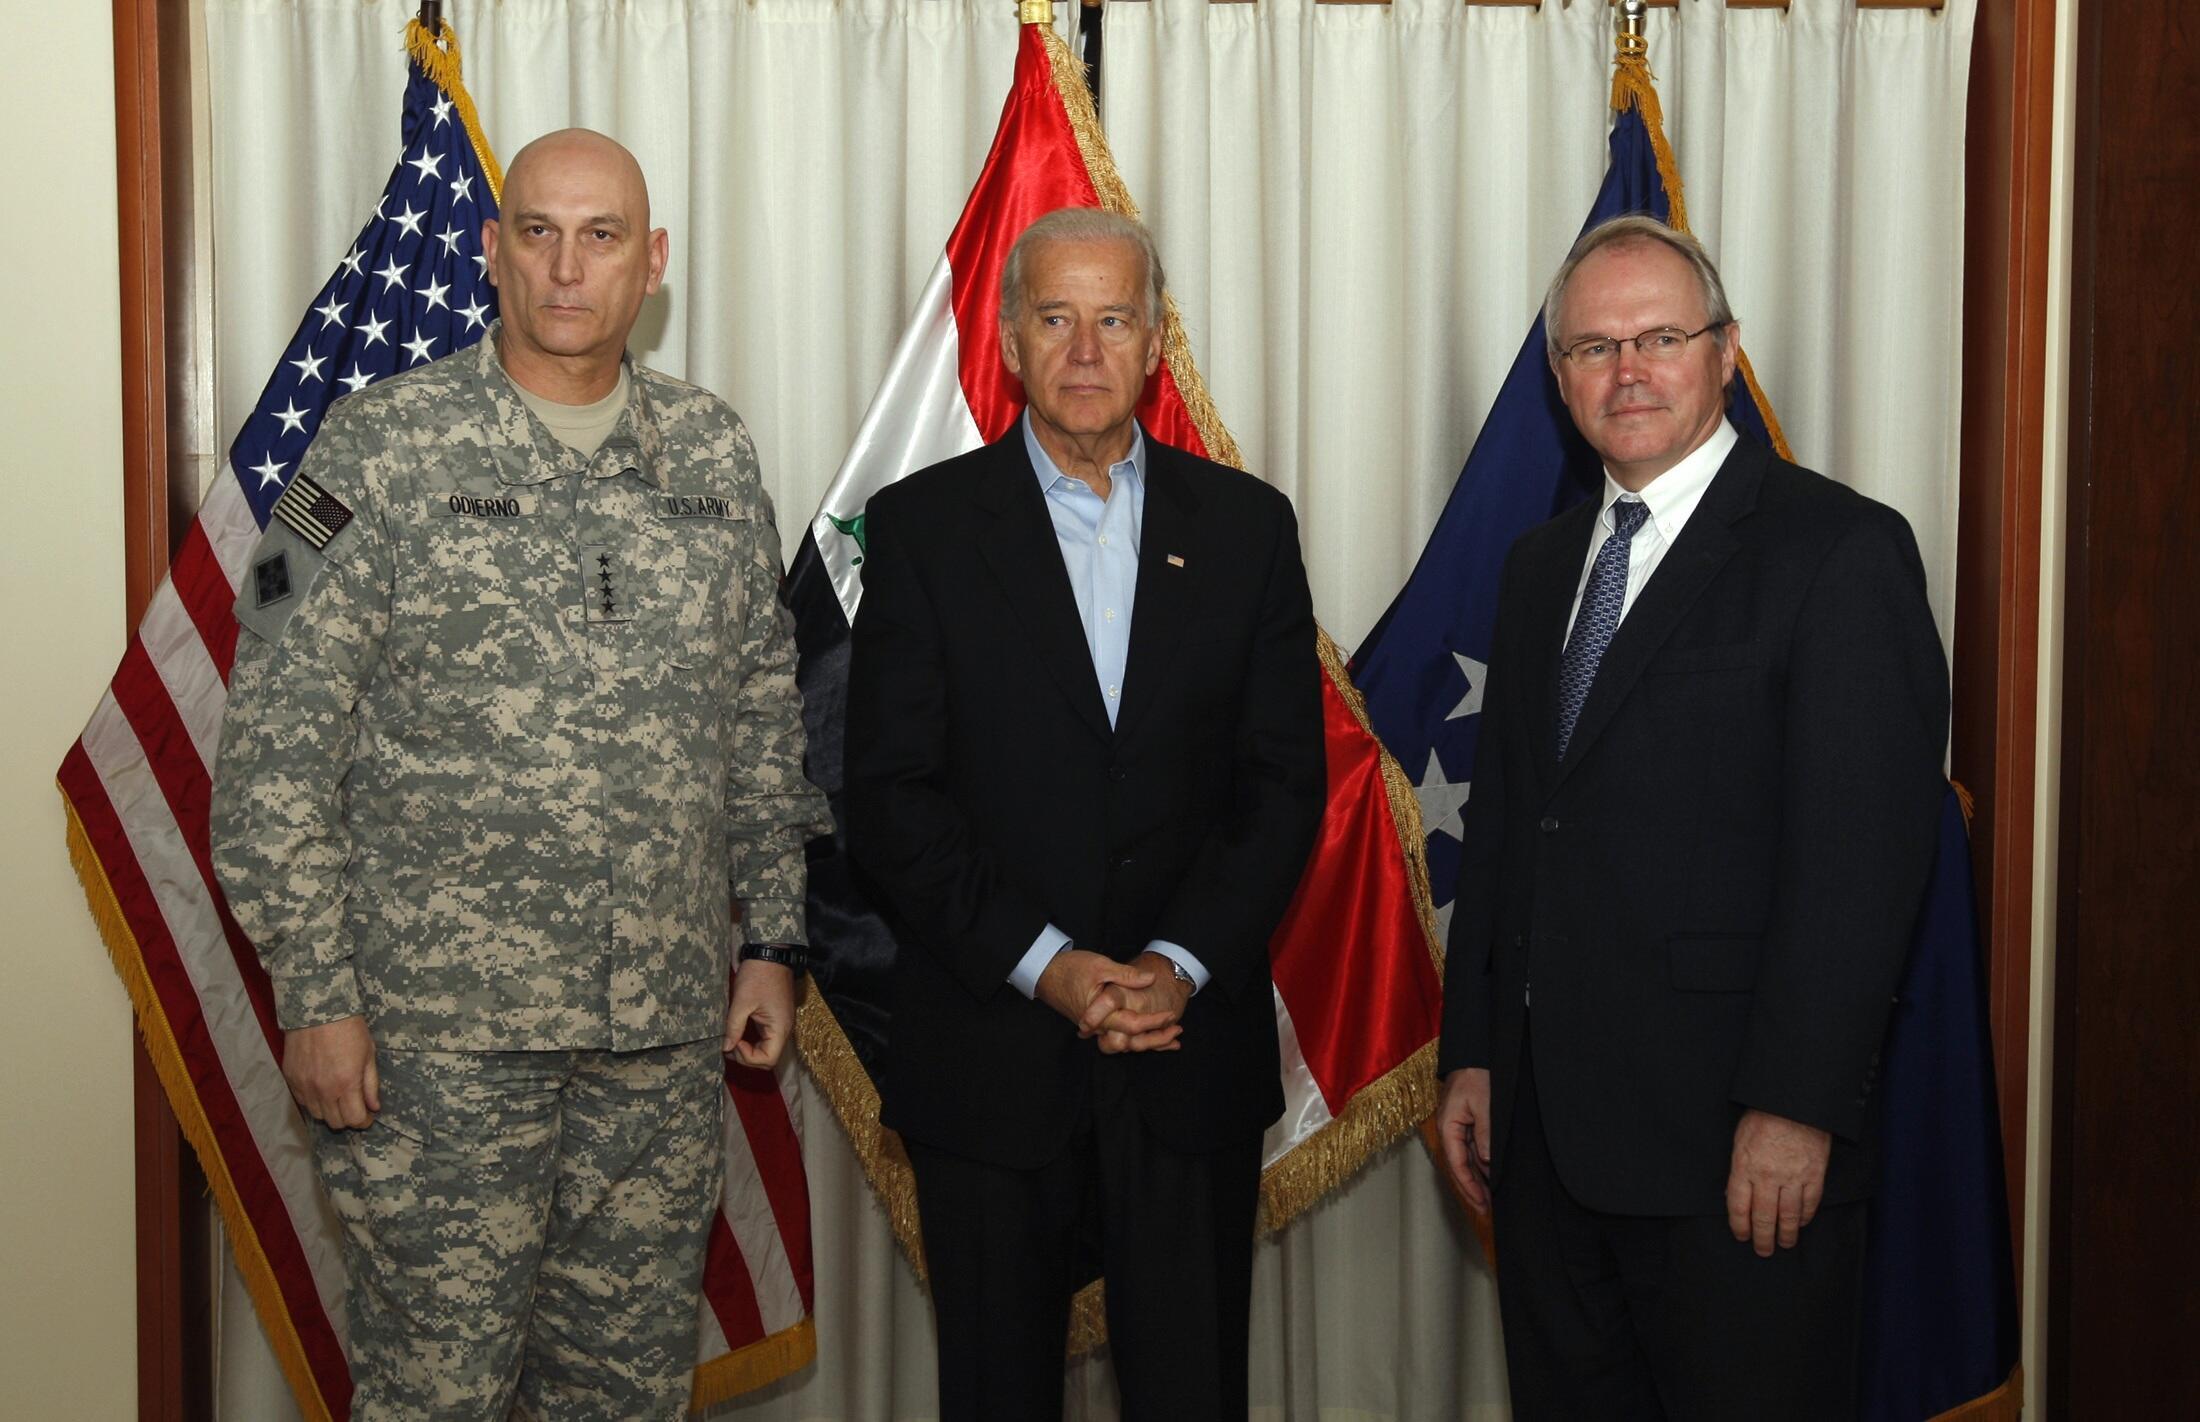 Tướng Ray Odierno, tham mưu trưởng lục quân Hoa Kỳ và Phó Tổng thống Joe Biden - Reuters/Thaier Al-Sudani